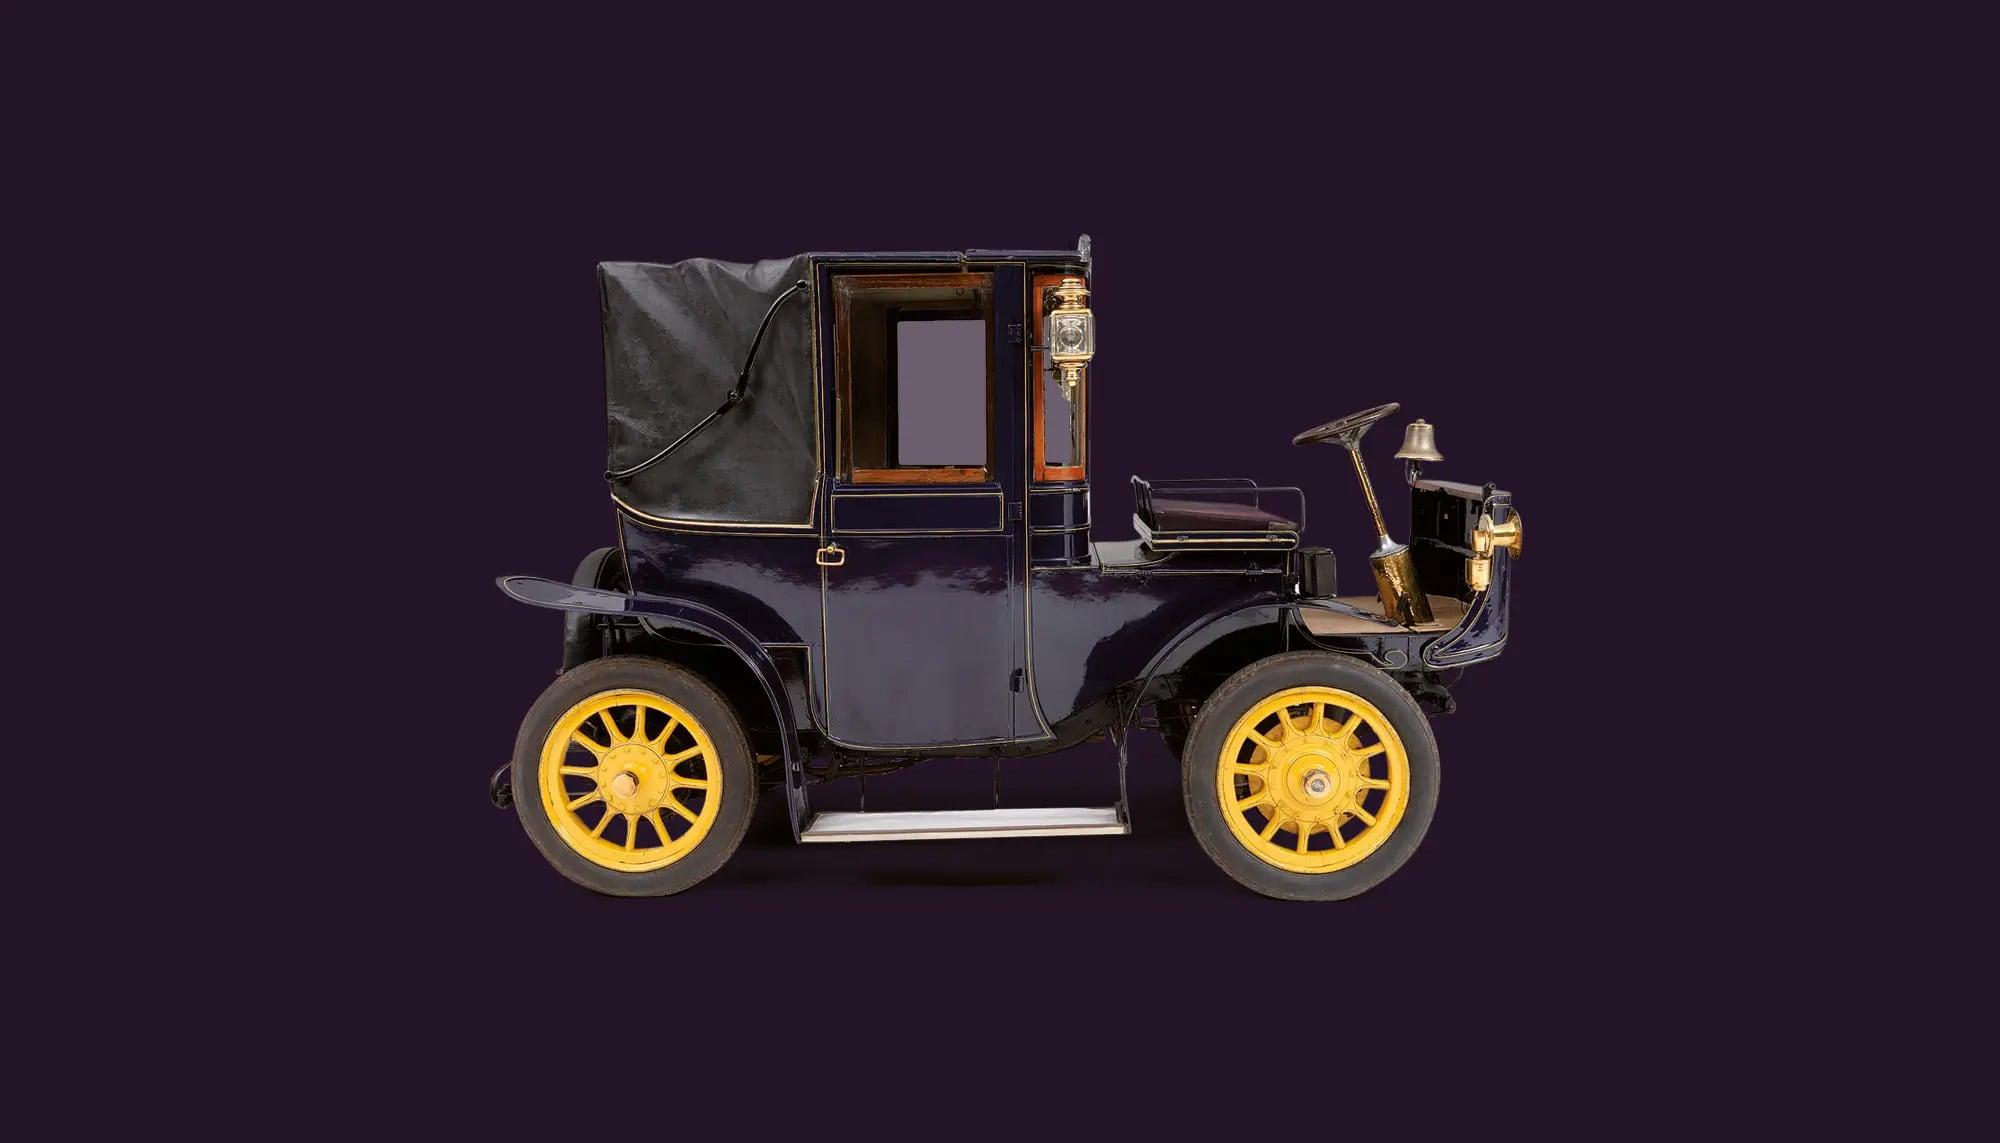 Bekijk Hedag Electric Brougham in het Louwman Museum